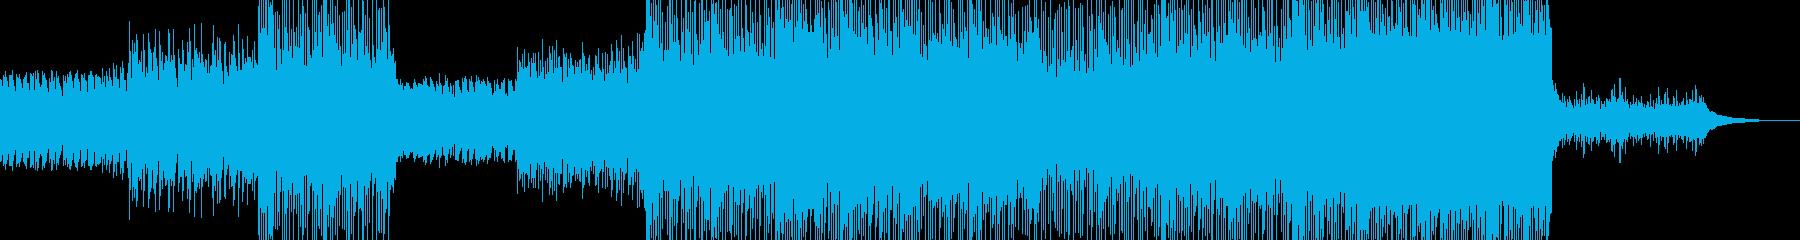 少年時代 清涼感溢れるBGMの再生済みの波形